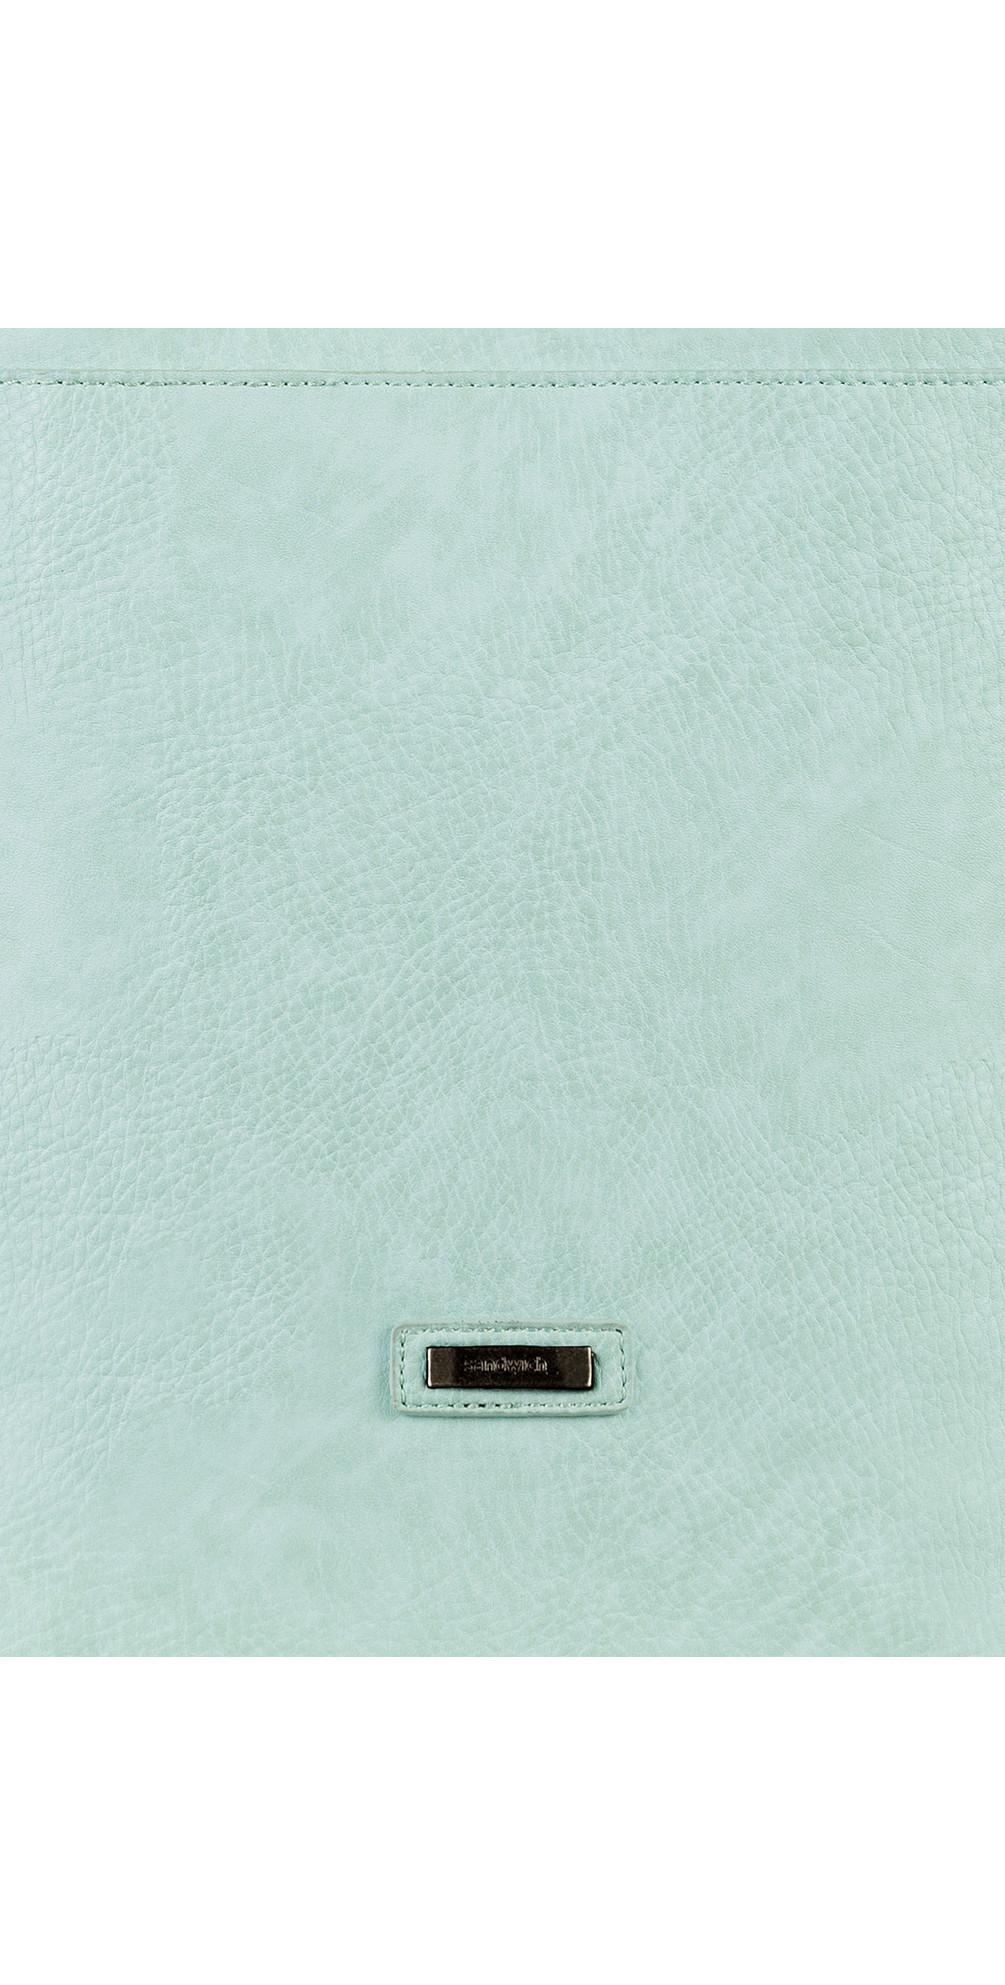 Cord Closure Handbag main image